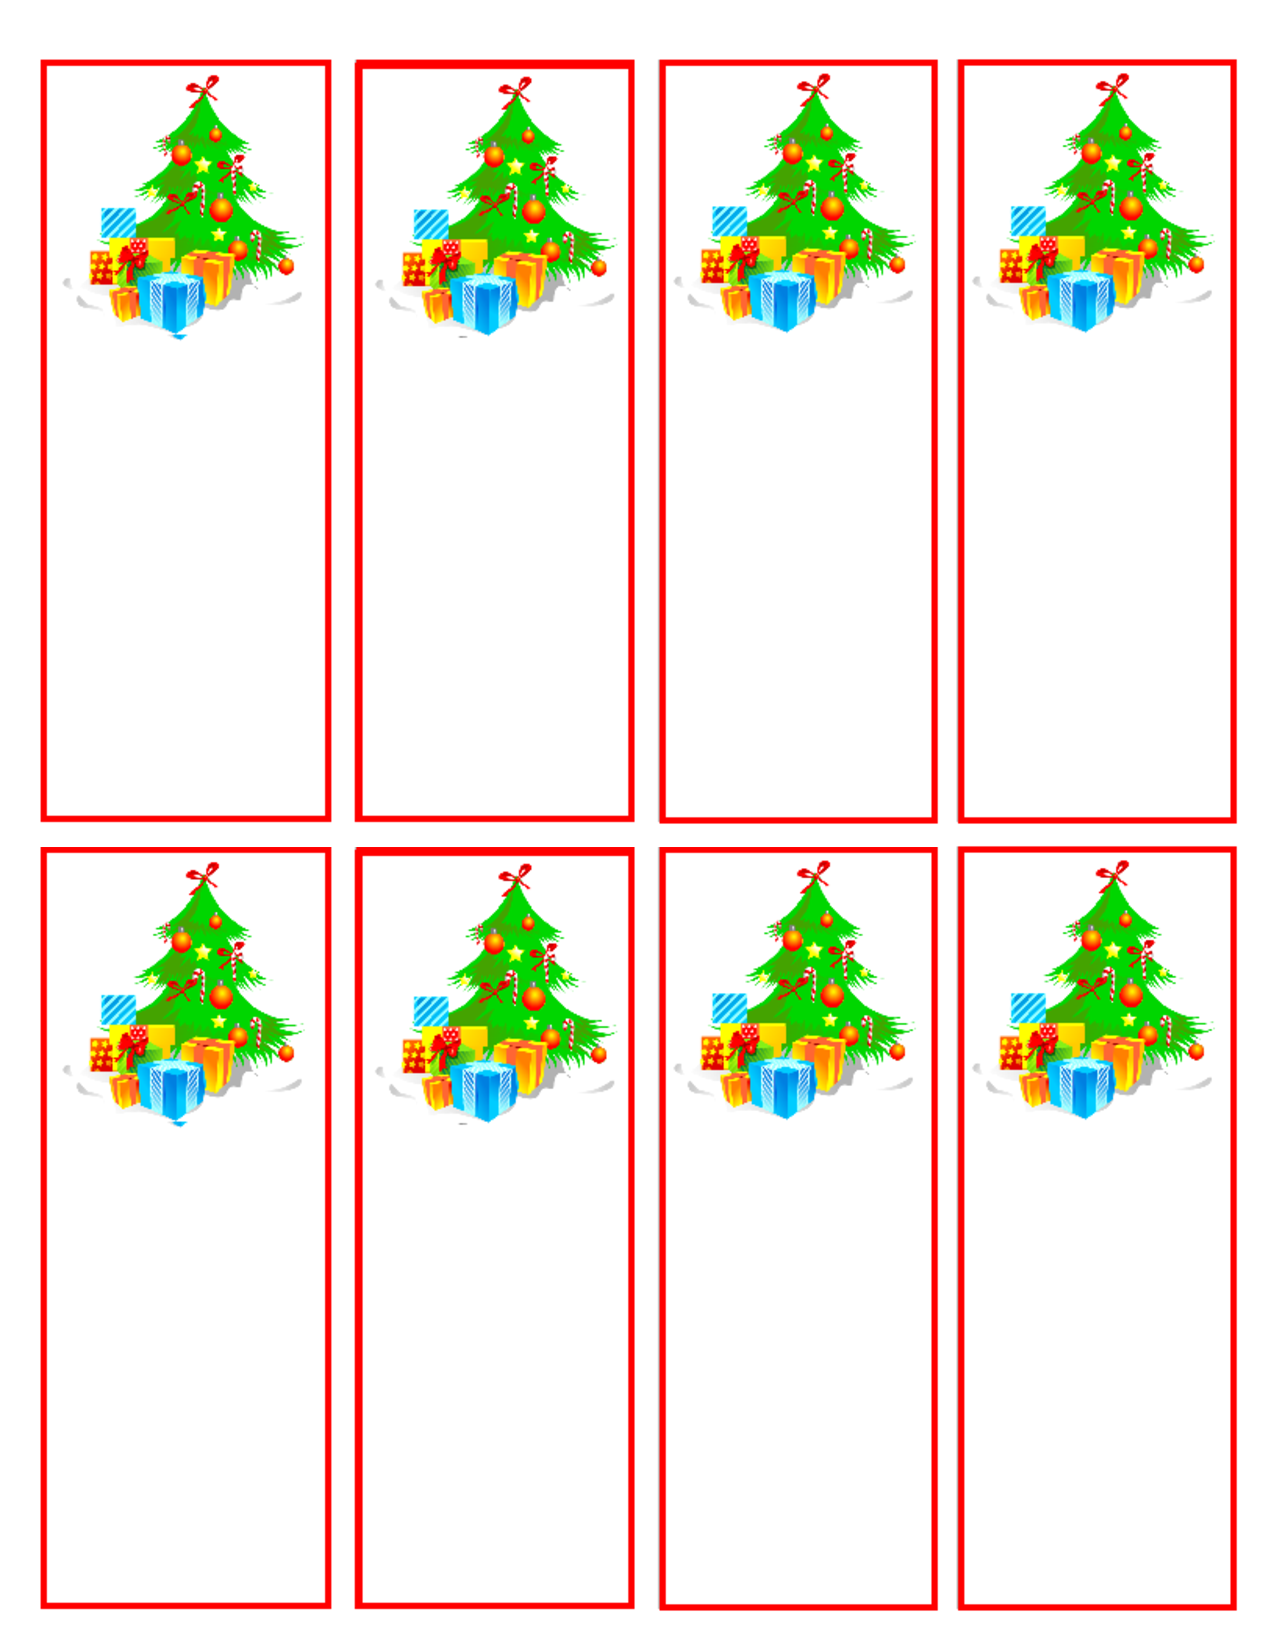 image regarding Printable Christmas Bookmarks known as Xmas Printable Bookmarks Xmas Tree Customise and